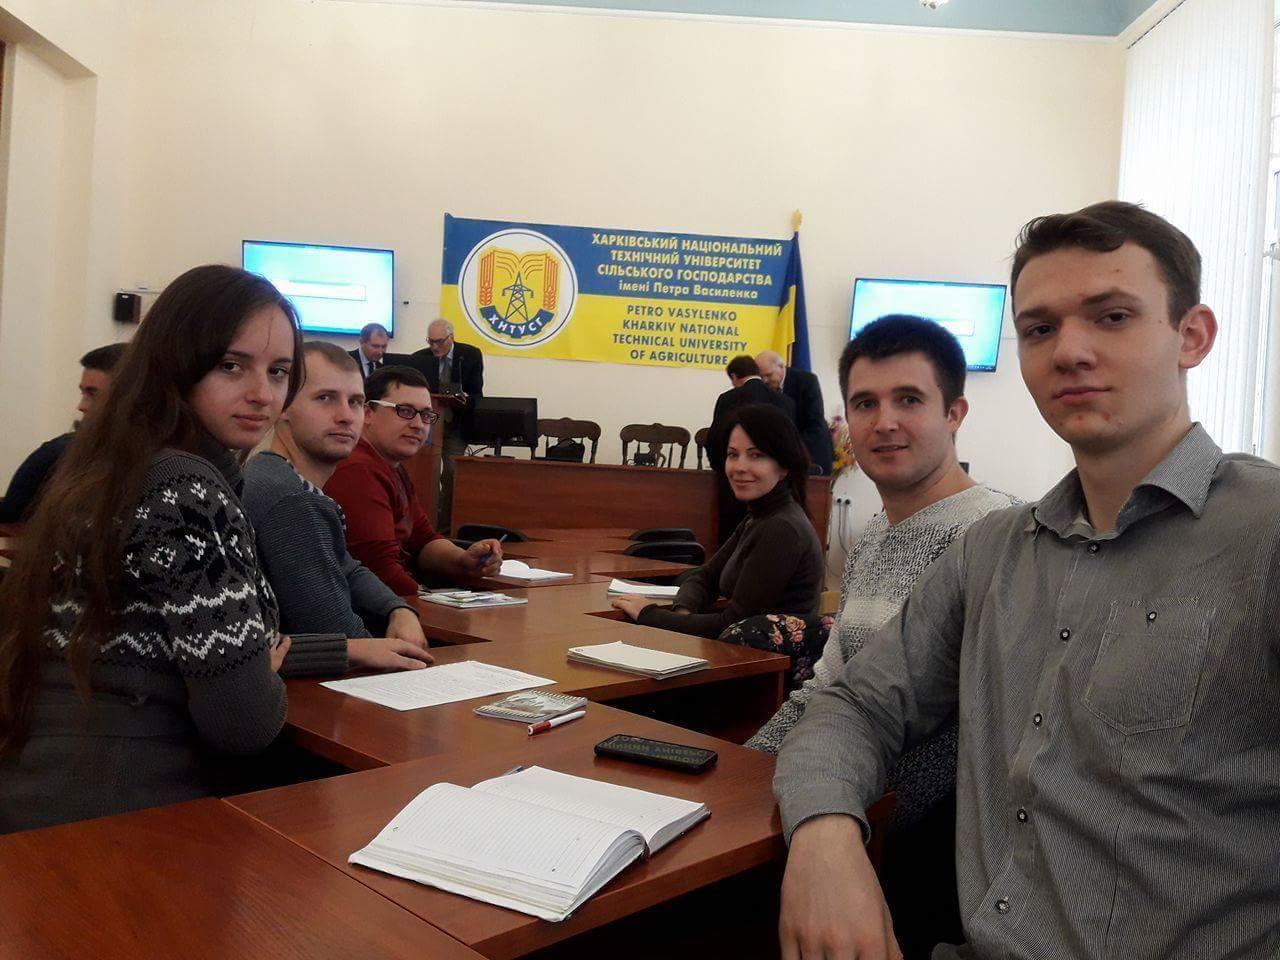 (Українська) Участь ЛНАУ в публічній лекції «The IDEATION Innovation Networking Ecosistem»